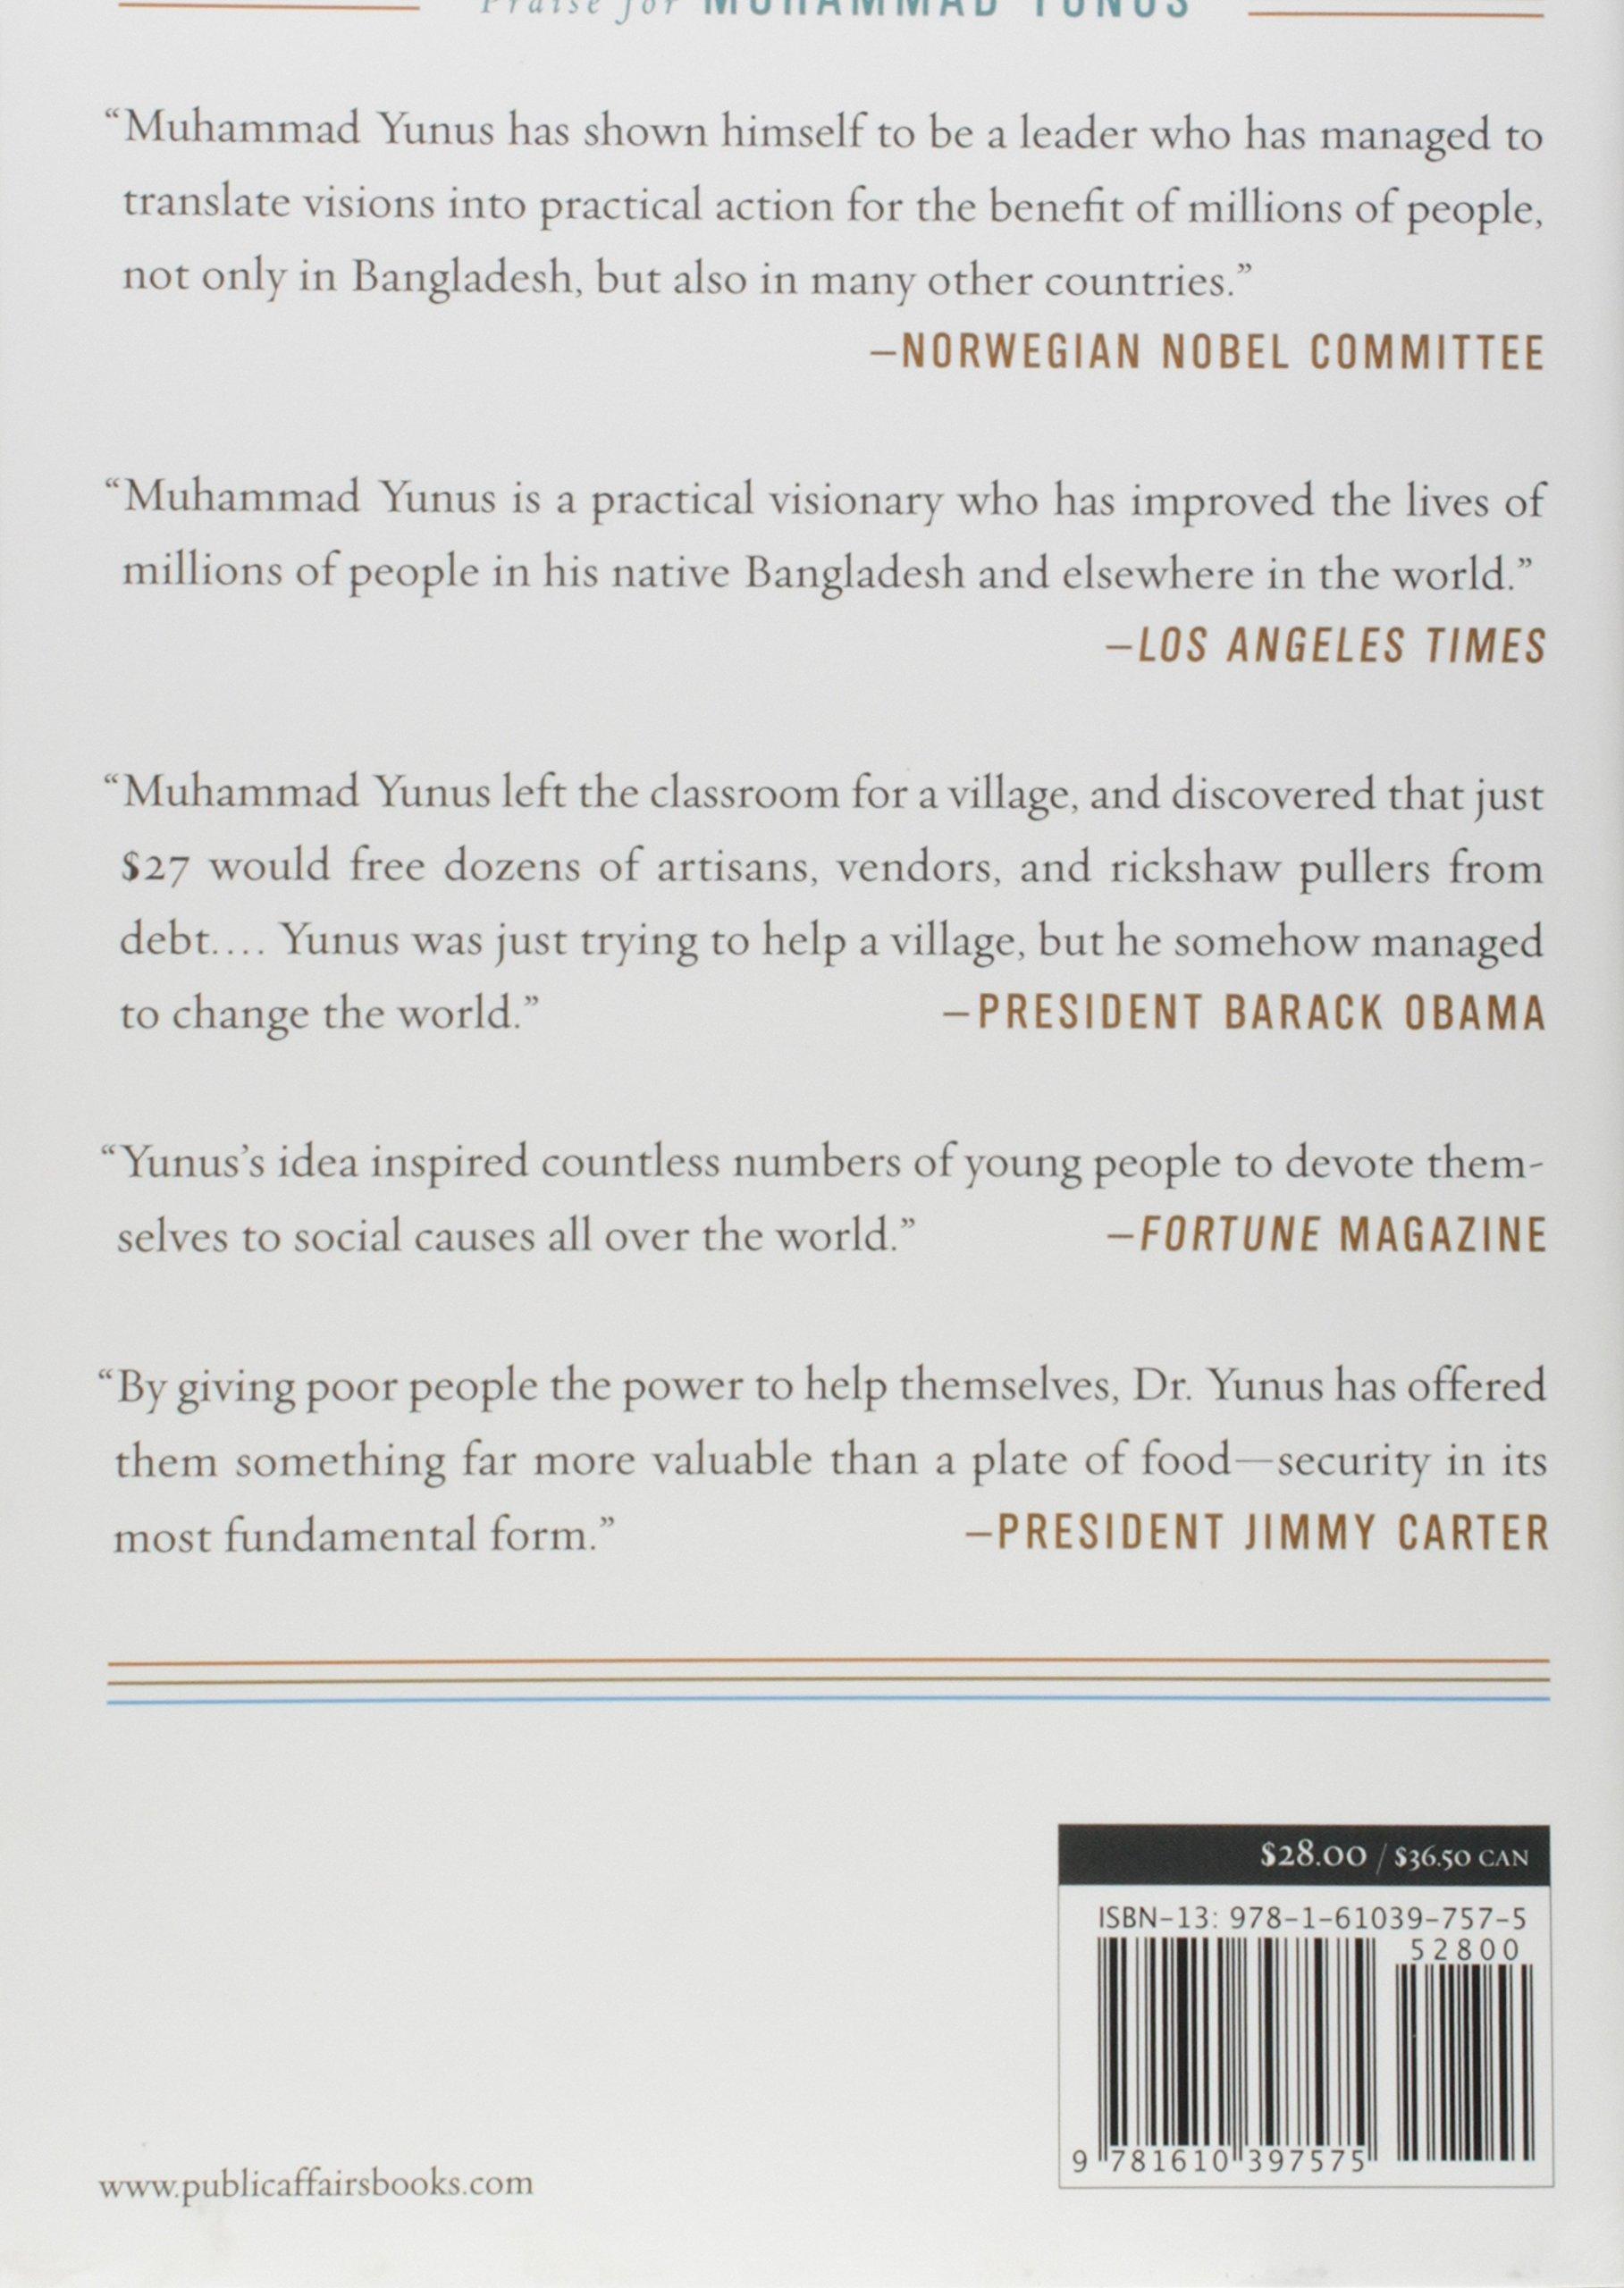 muhammad yunus leadership style